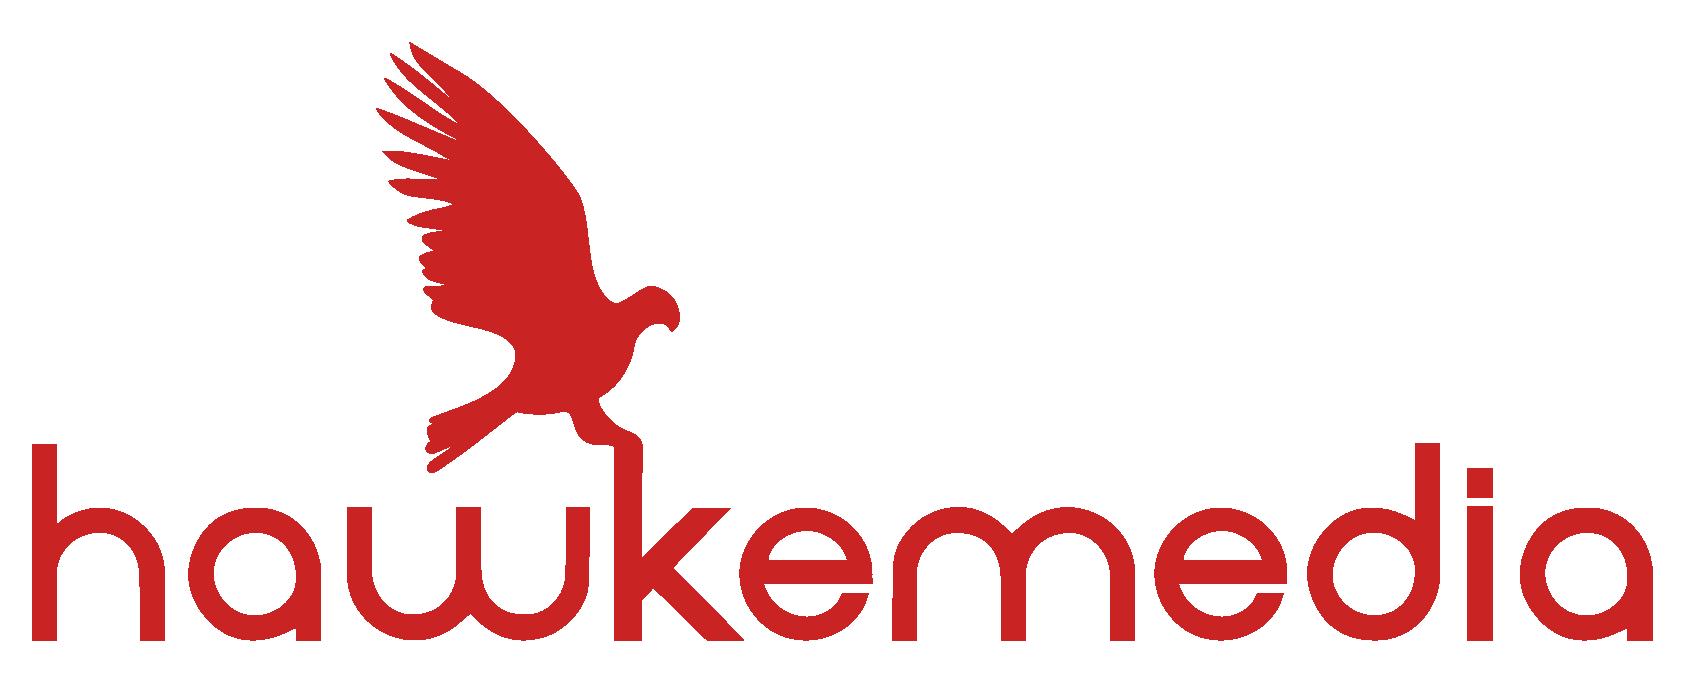 HawkeMedia_Logo_Red copy